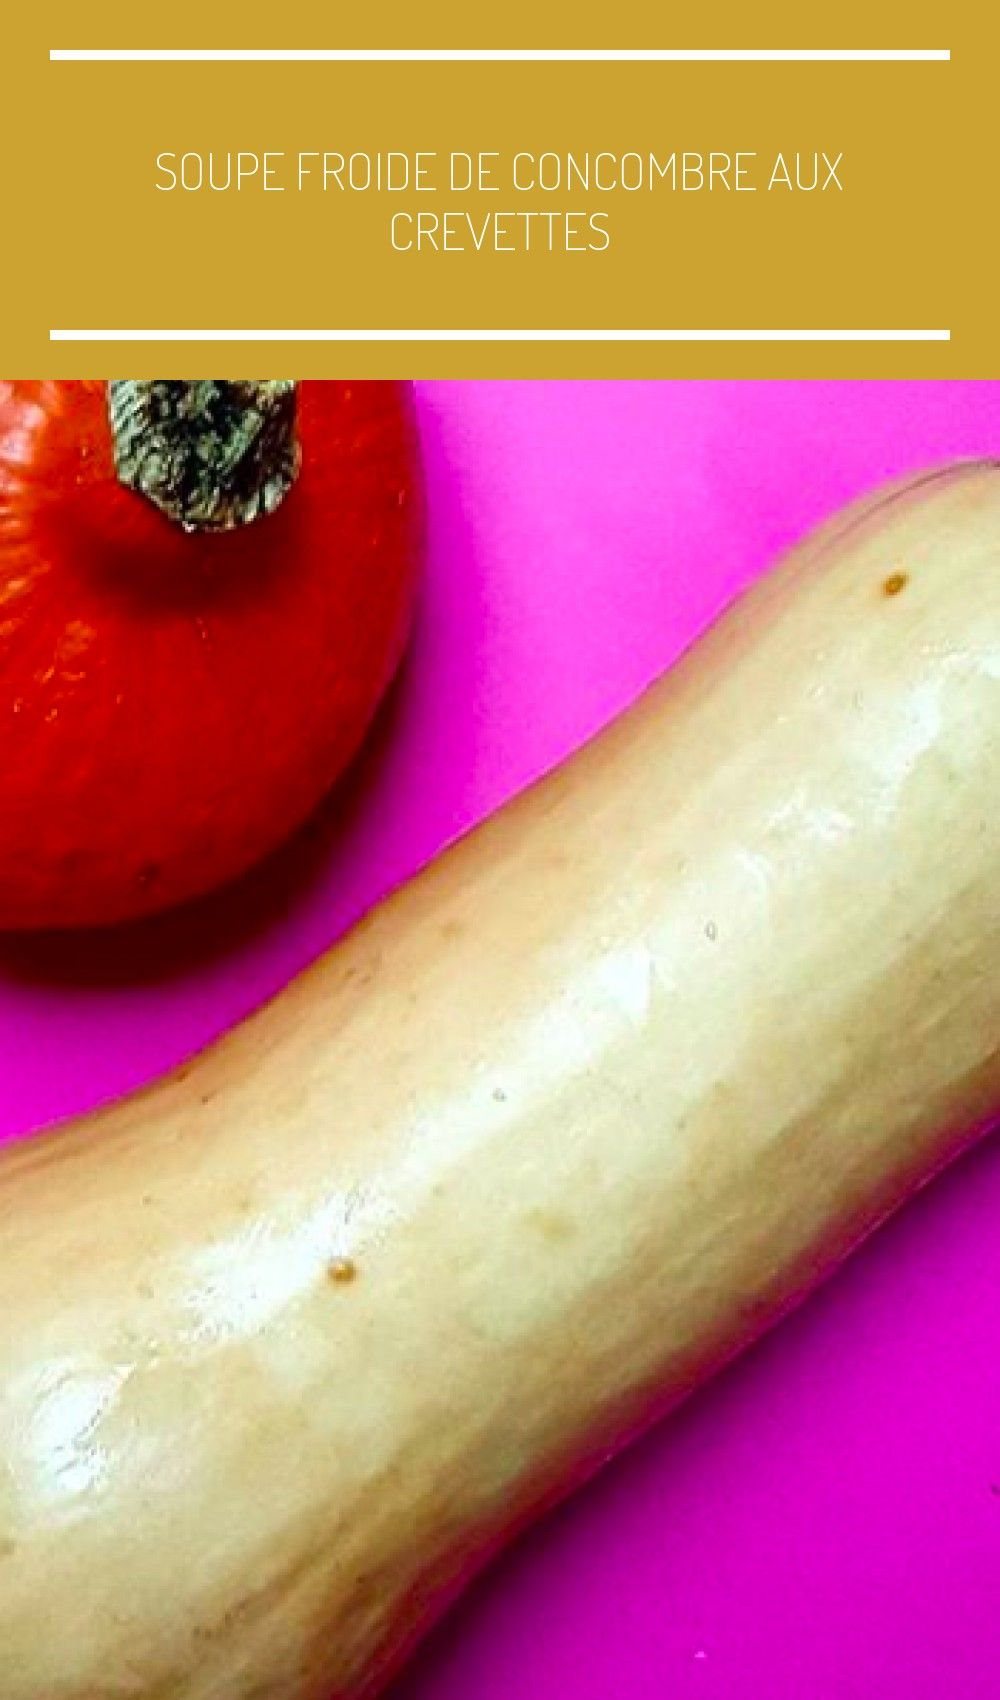 J'ai appris récemment que le potiron pouvait aussi être consommé cru, mixé dans une soupe par exemple, ou bien en fines lamelles croquantes dans une salade. J'essaierai bientôt une soupe froide potiron-coco-citron, je vous en donnerais des nouvelles